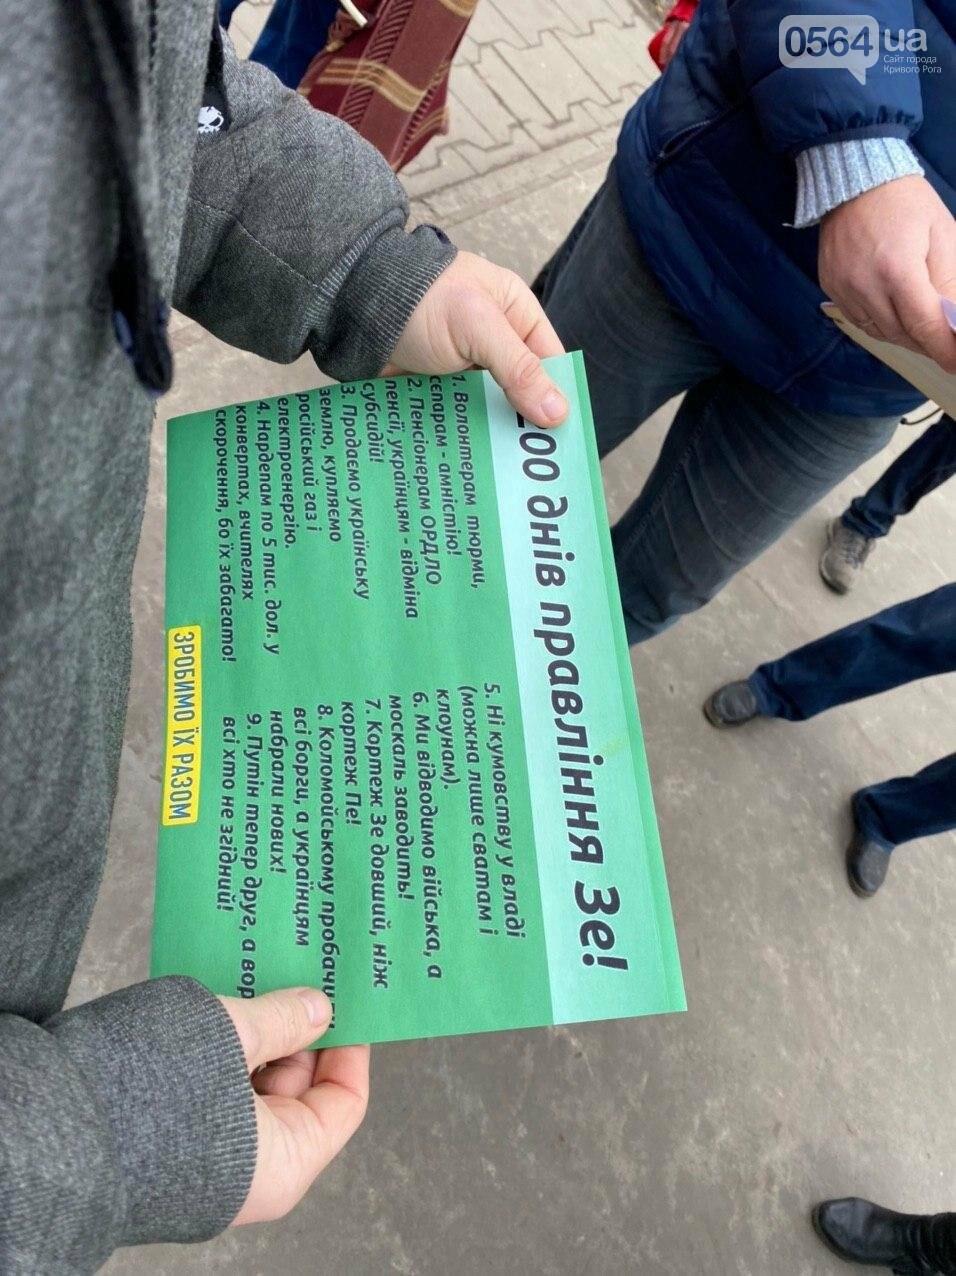 Криворожане записали видеообращение к земляку-президенту и рассказали, как ему убивают рейтинги в городе, - ФОТО, ВИДЕО , фото-19